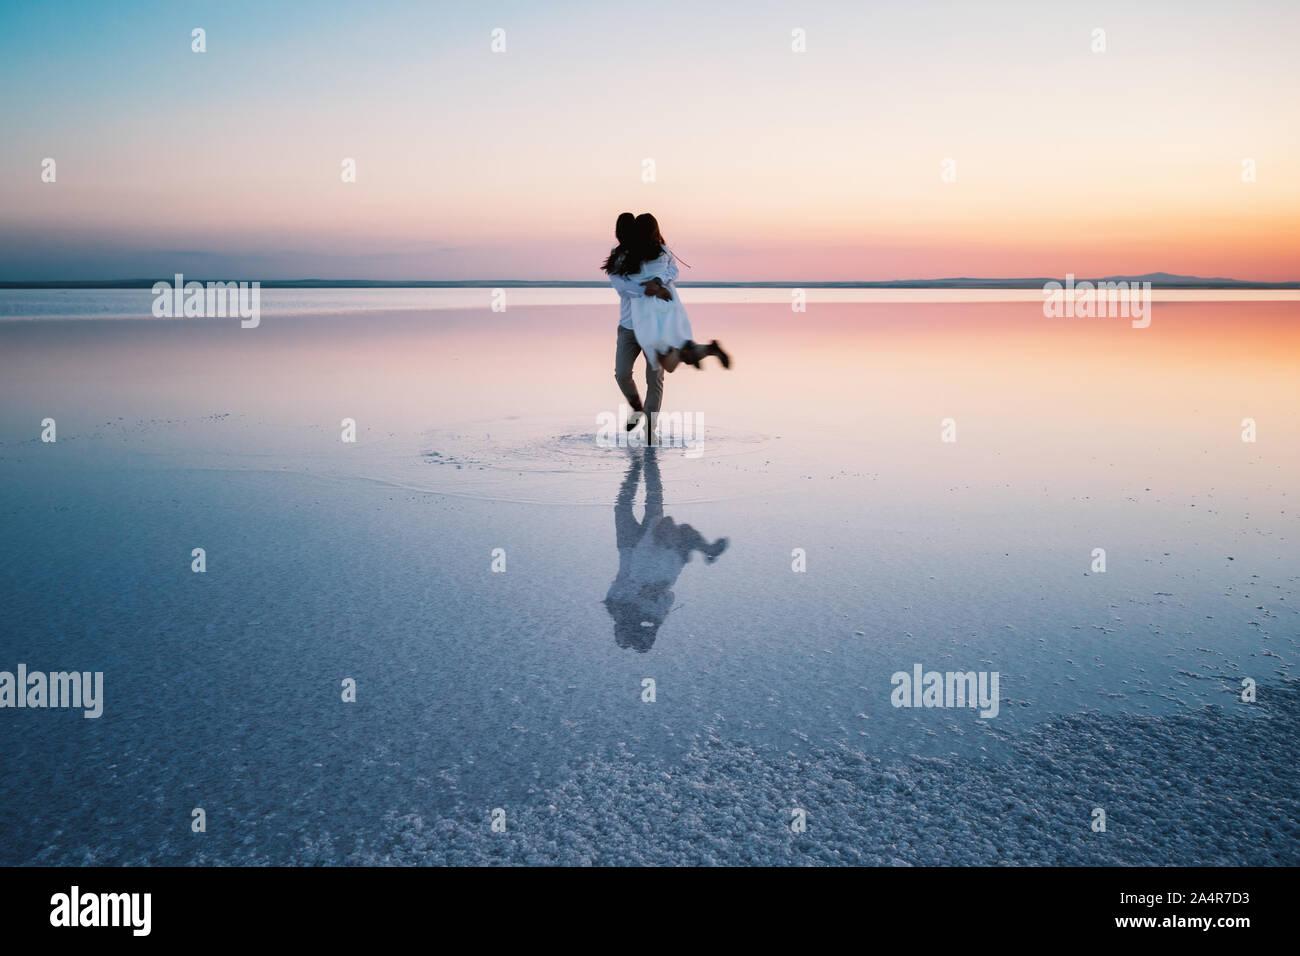 Silhouettes d'étreindre les amoureux heureux au milieu de l'eau peu profonde d'un lac au coucher du soleil. Le concept de l'amour, le bonheur, la famille, la solitude. Banque D'Images